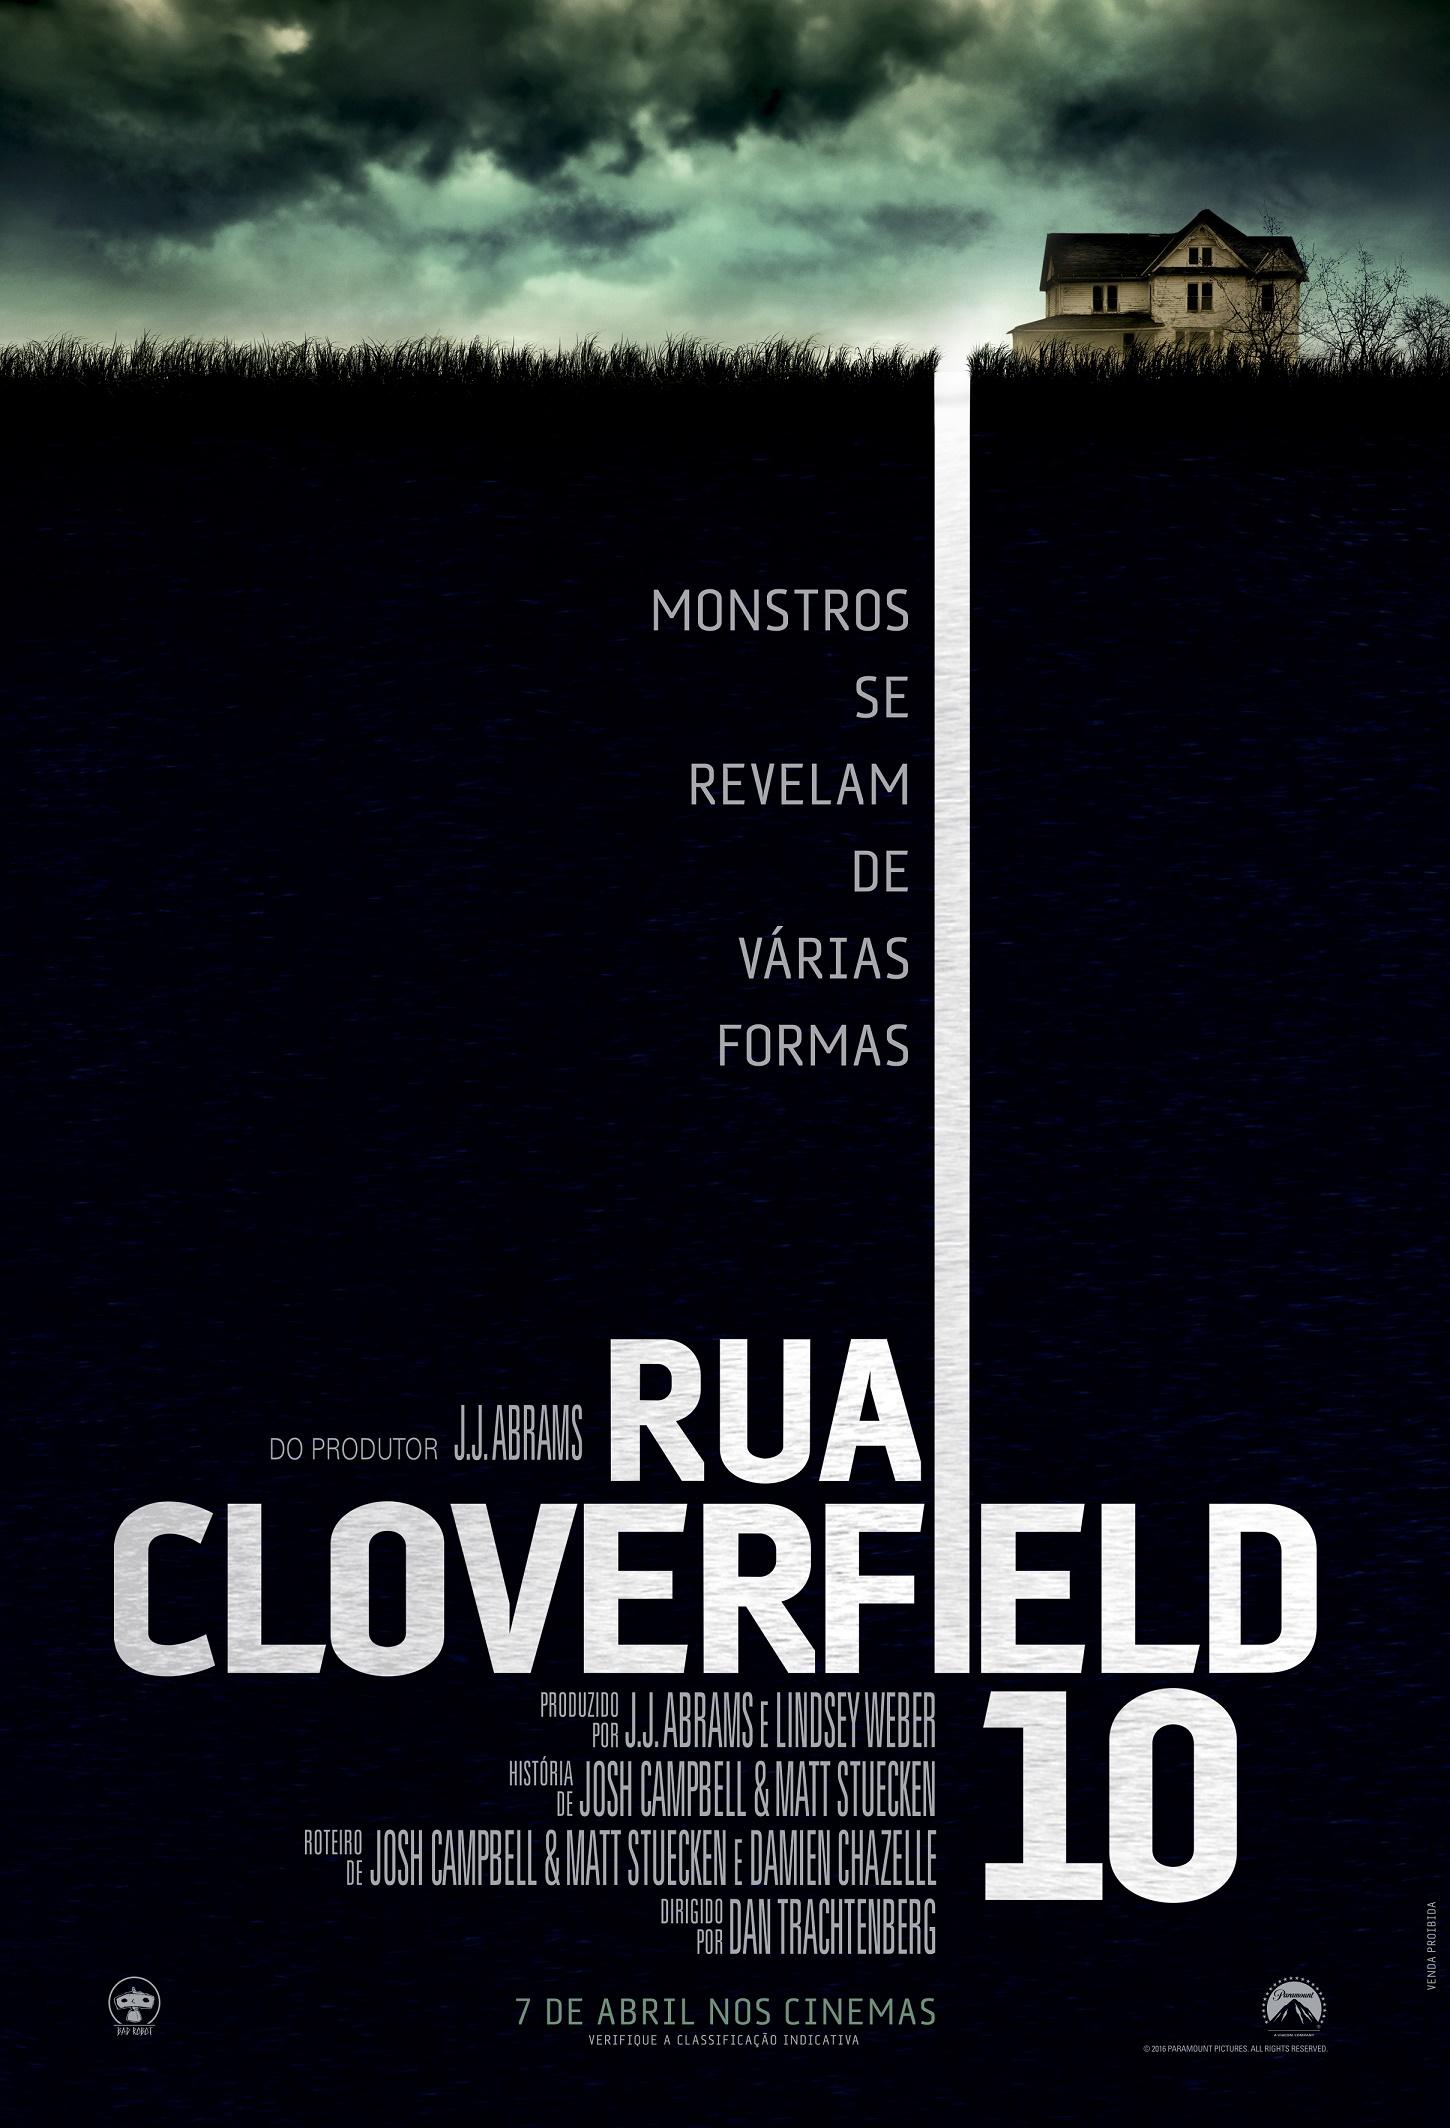 Filme Dentro Da Casa with rua cloverfield, 10 - filme 2016 - adorocinema